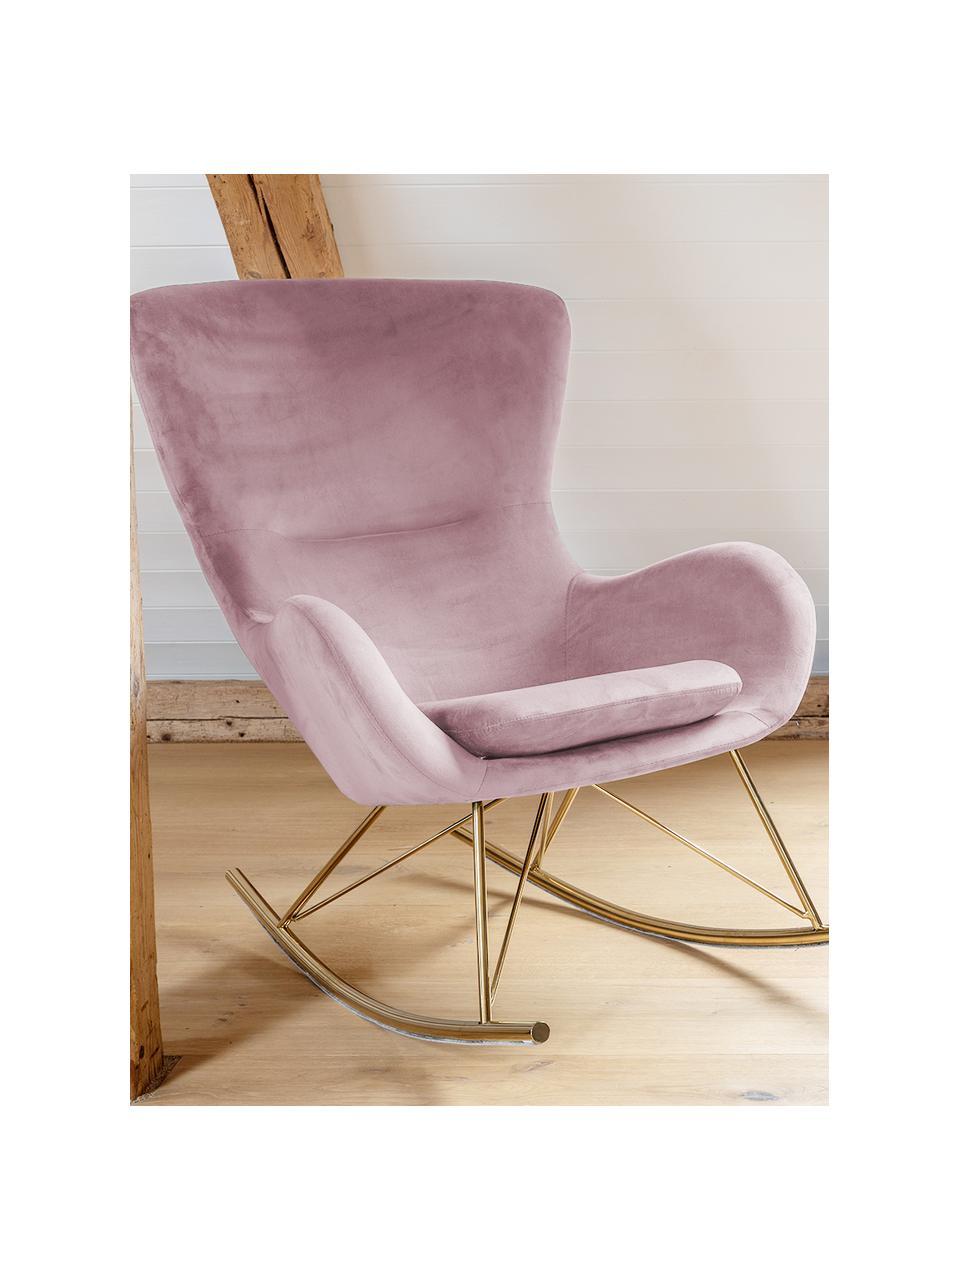 Fotel bujany uszak z aksamitu Wing, Tapicerka: aksamit (poliester) Dzięk, Aksamitny blady różowy, S 66 x G 102 cm